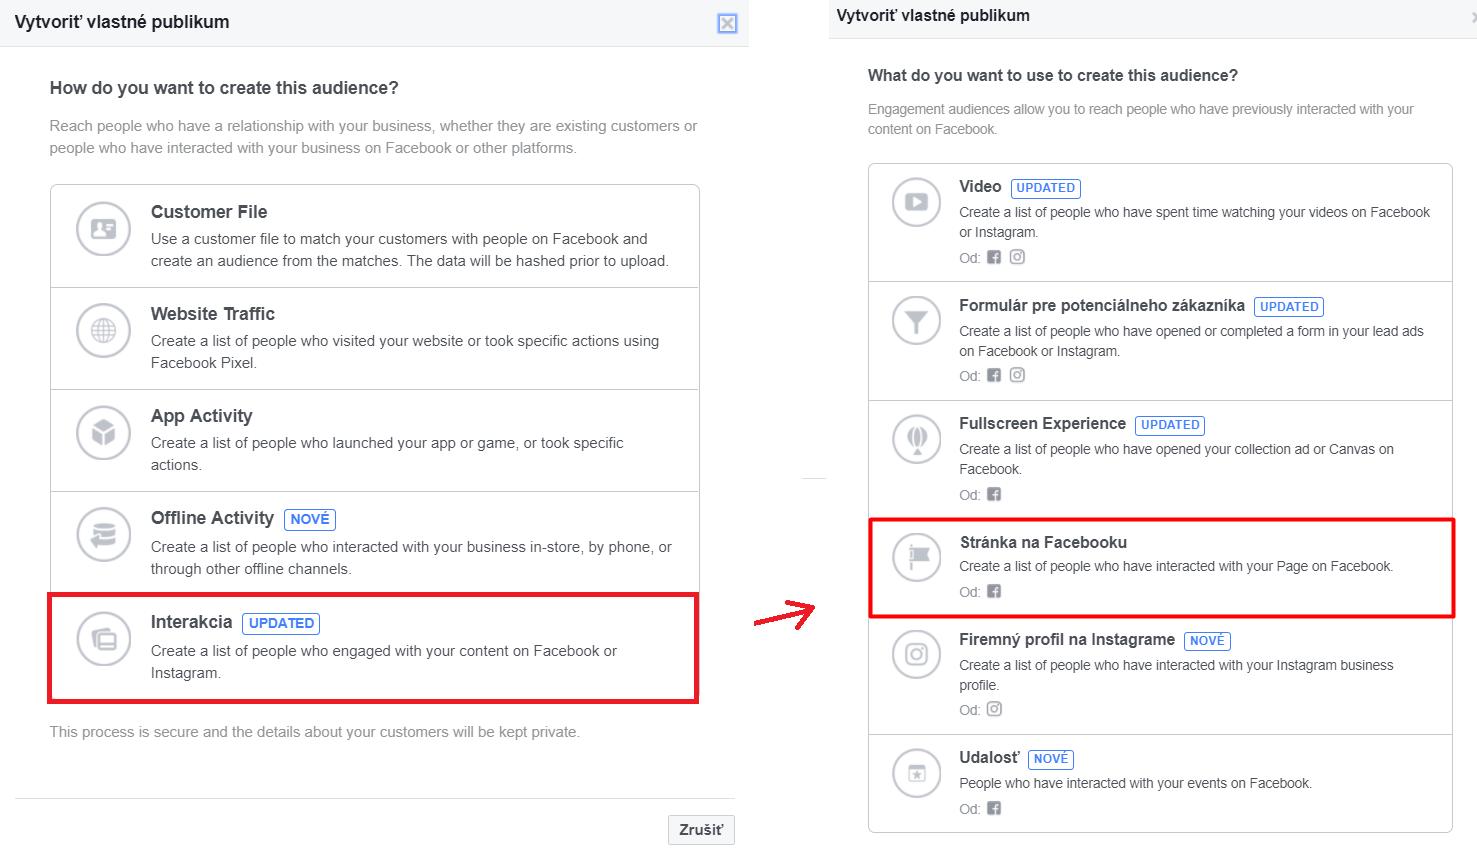 Publikum na základe interakcie na facebookovej stránke